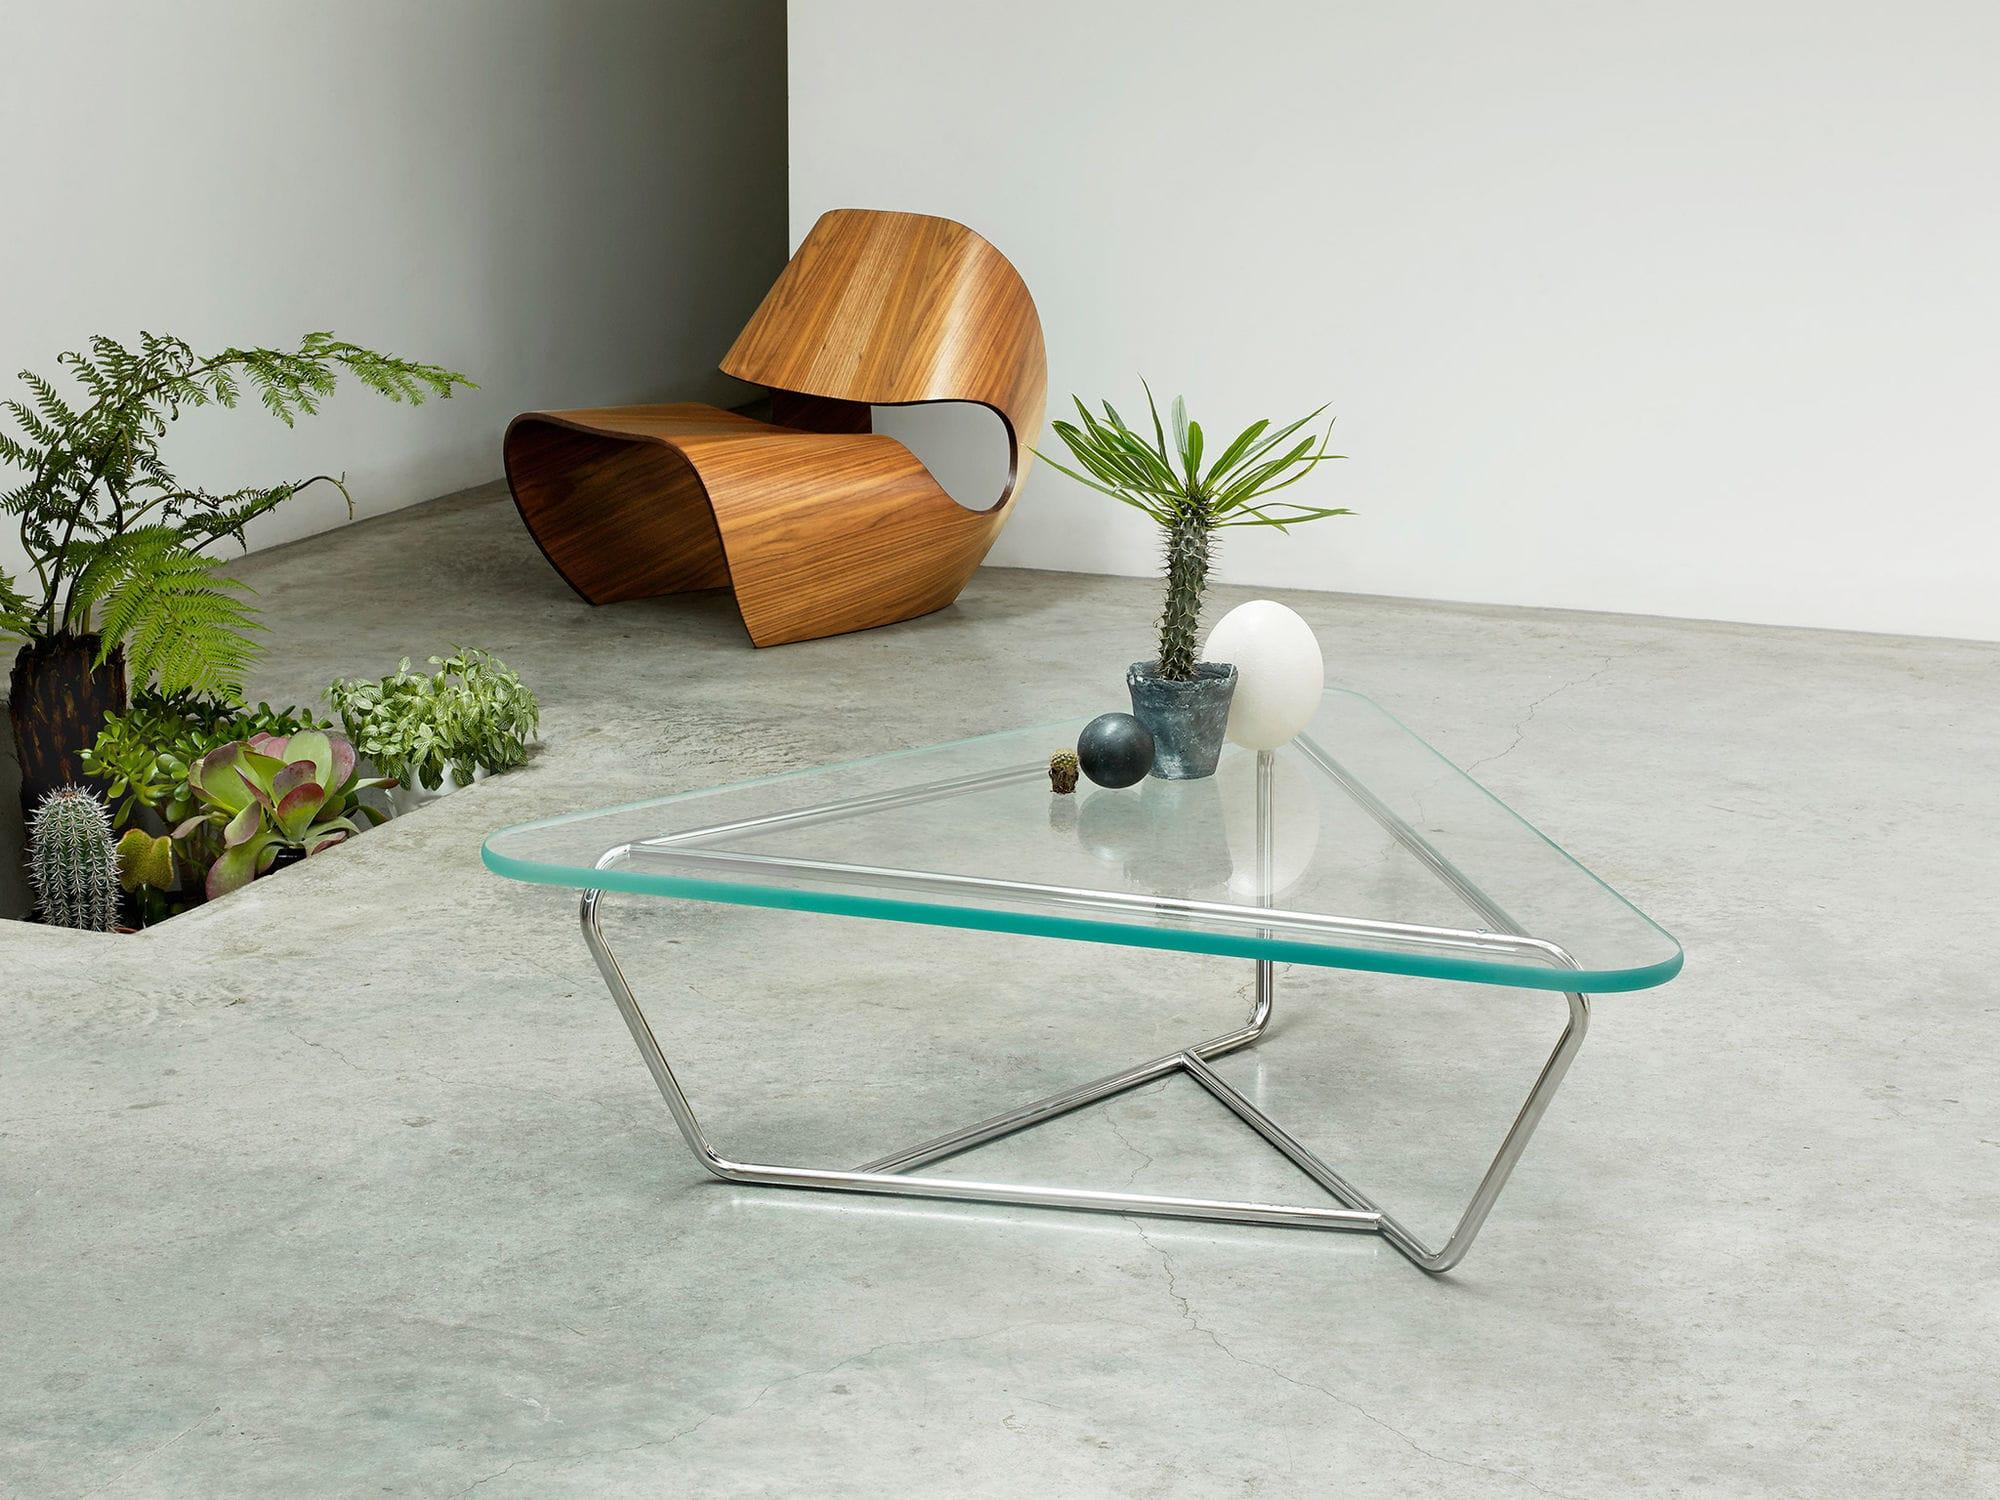 Moderner Couchtisch / Glas / Edelstahl / dreieckig - PRISM - Made in ...